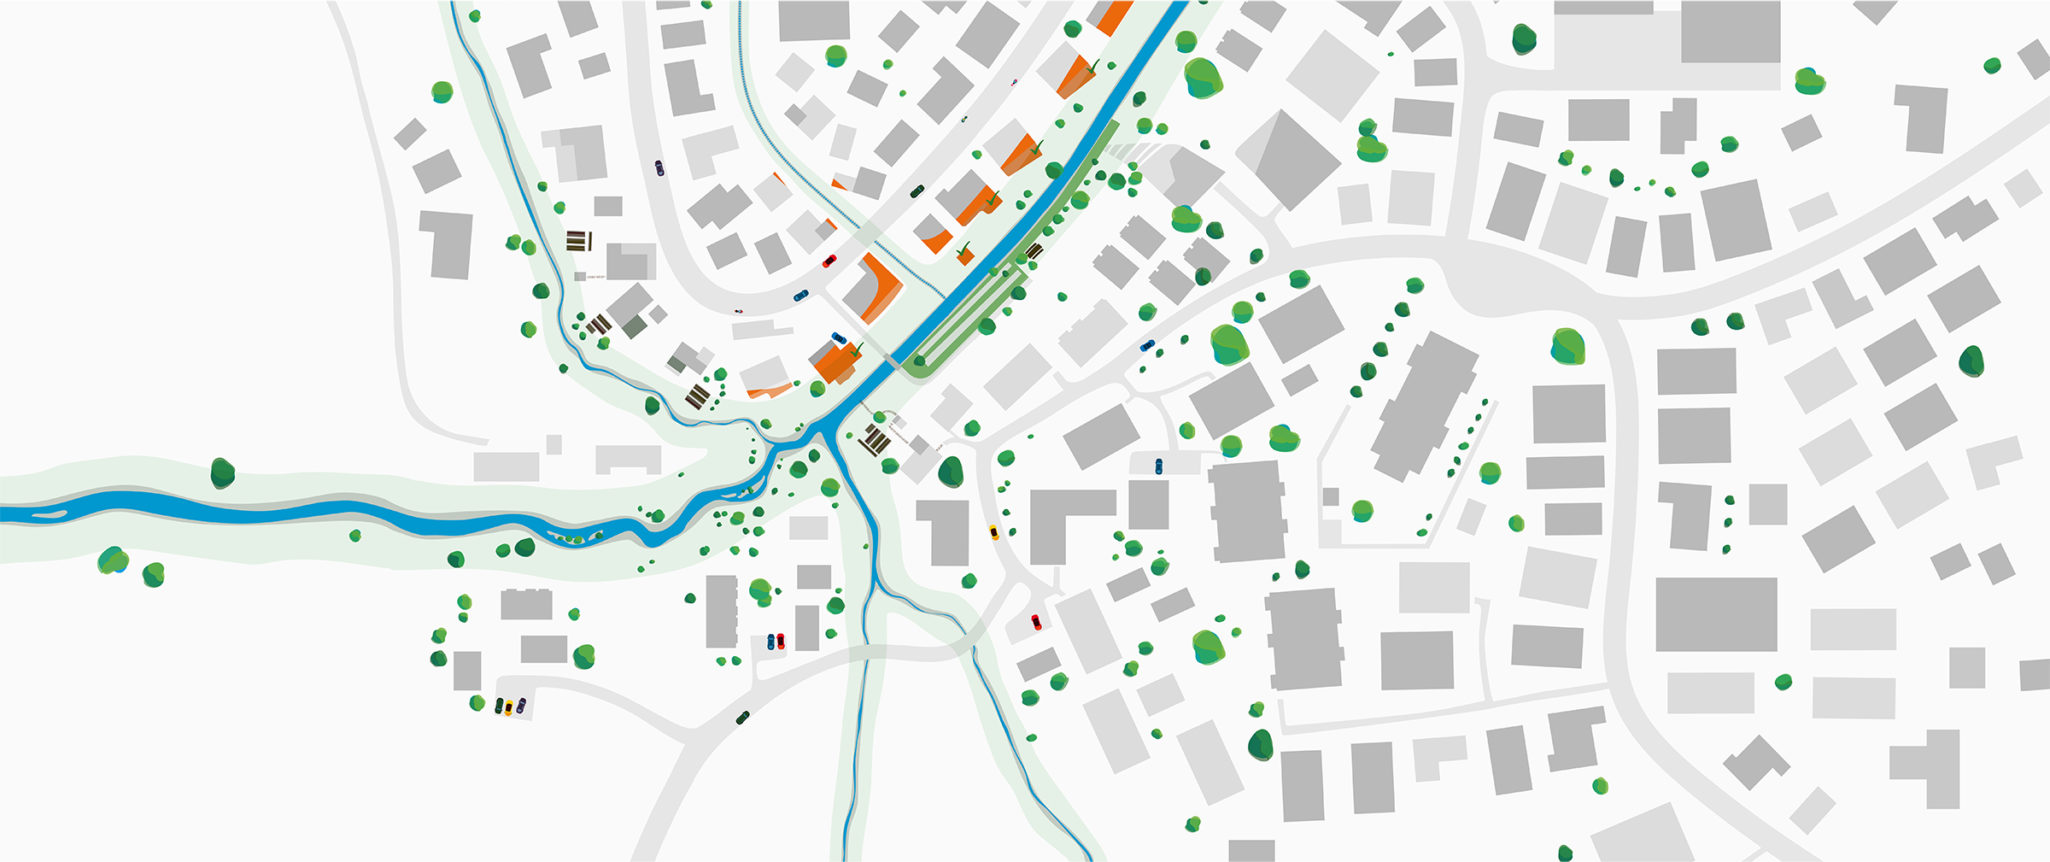 Stillframe: Village Map from top